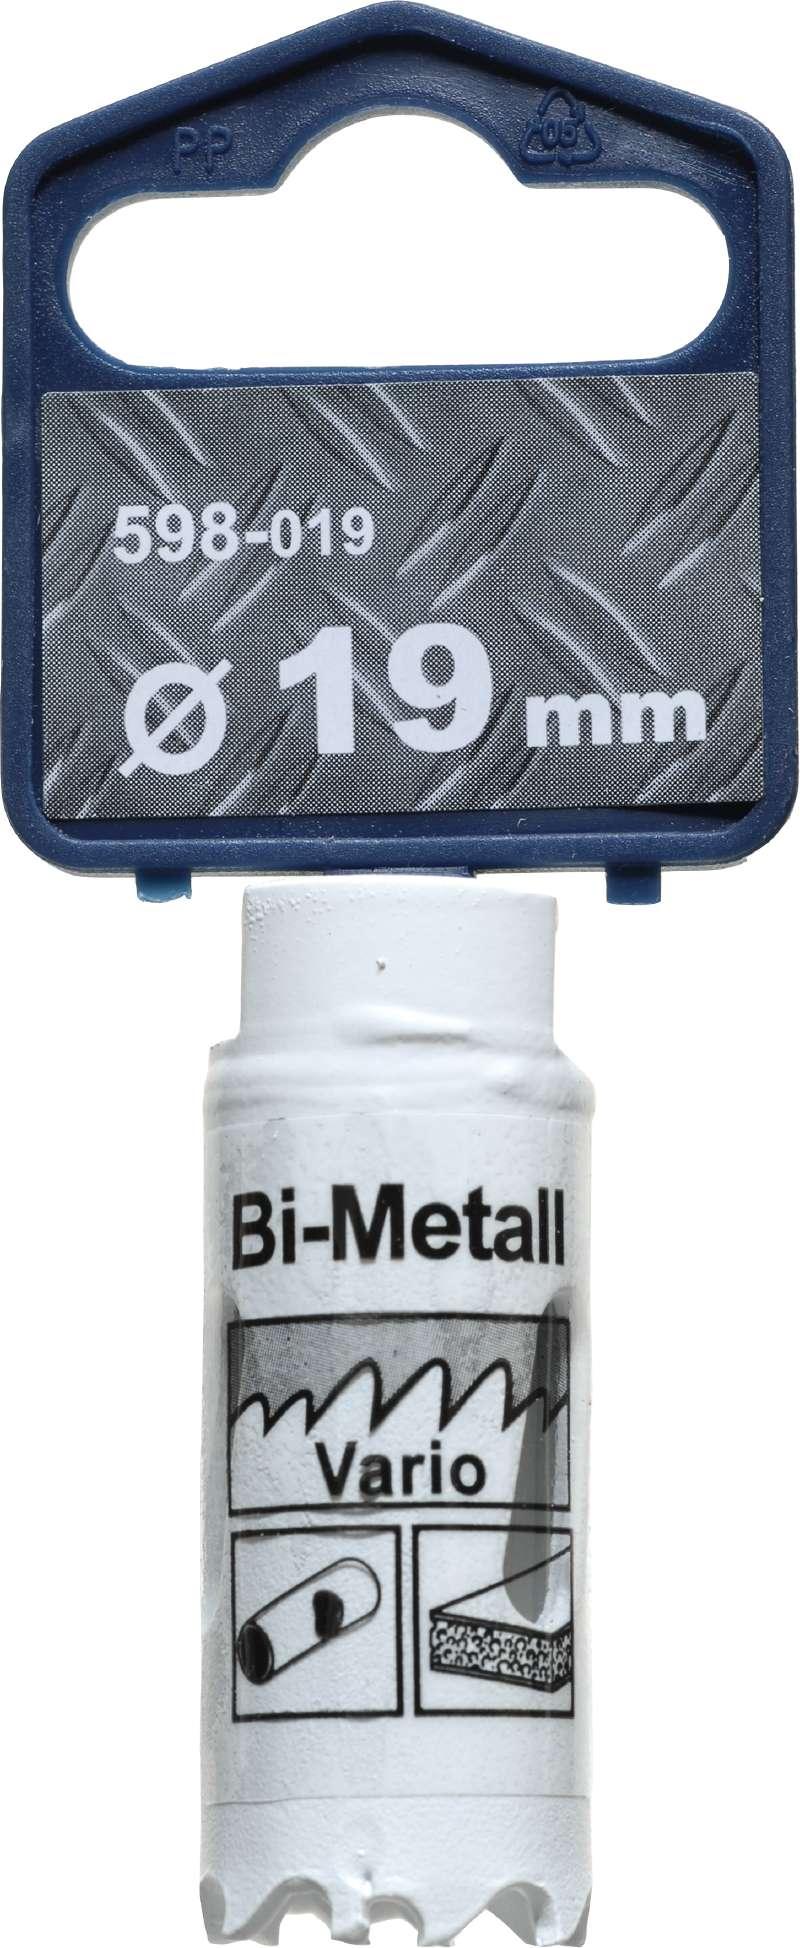 Коронка биметаллическая Kwb 598-019 коронка биметаллическая kwb 598 030